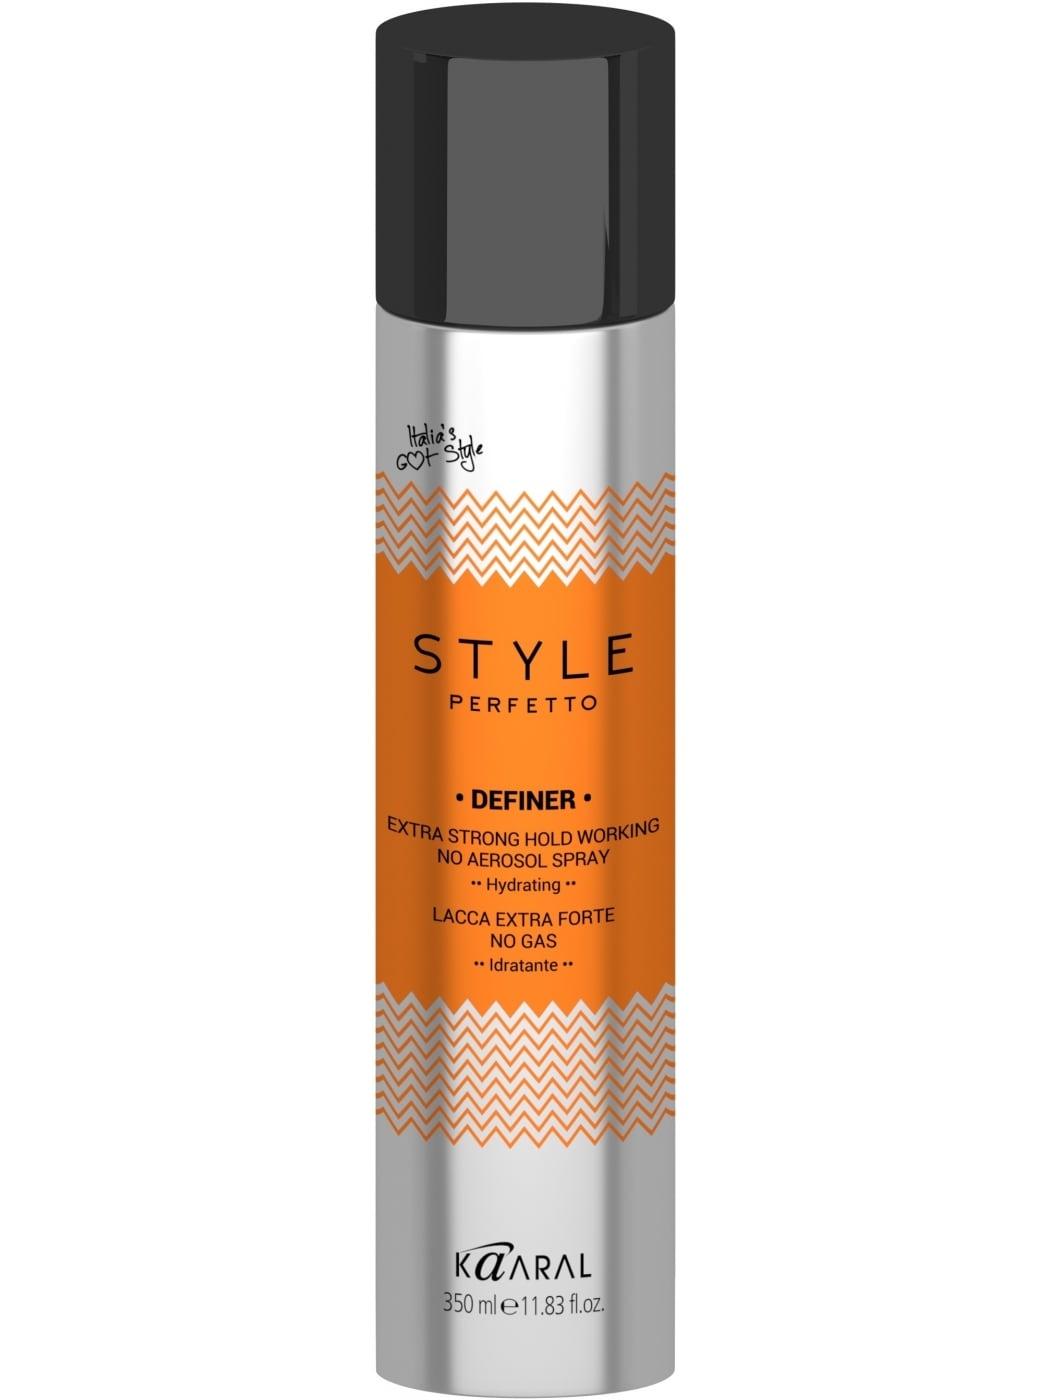 Kaaral Лак без газа экстра фиксации Style Perfetto Definer Extra Strong Hold Working No Aerosol Spray, 350 млCHI6210Лак без газа экстра фиксации.Лак экстрасильной фиксации придает объем волосам, не сушит их благодаря Провитамину B5, который увлажняет, укрепляет стержни волос и придает блеск и эффект объемной завершенной укладки.